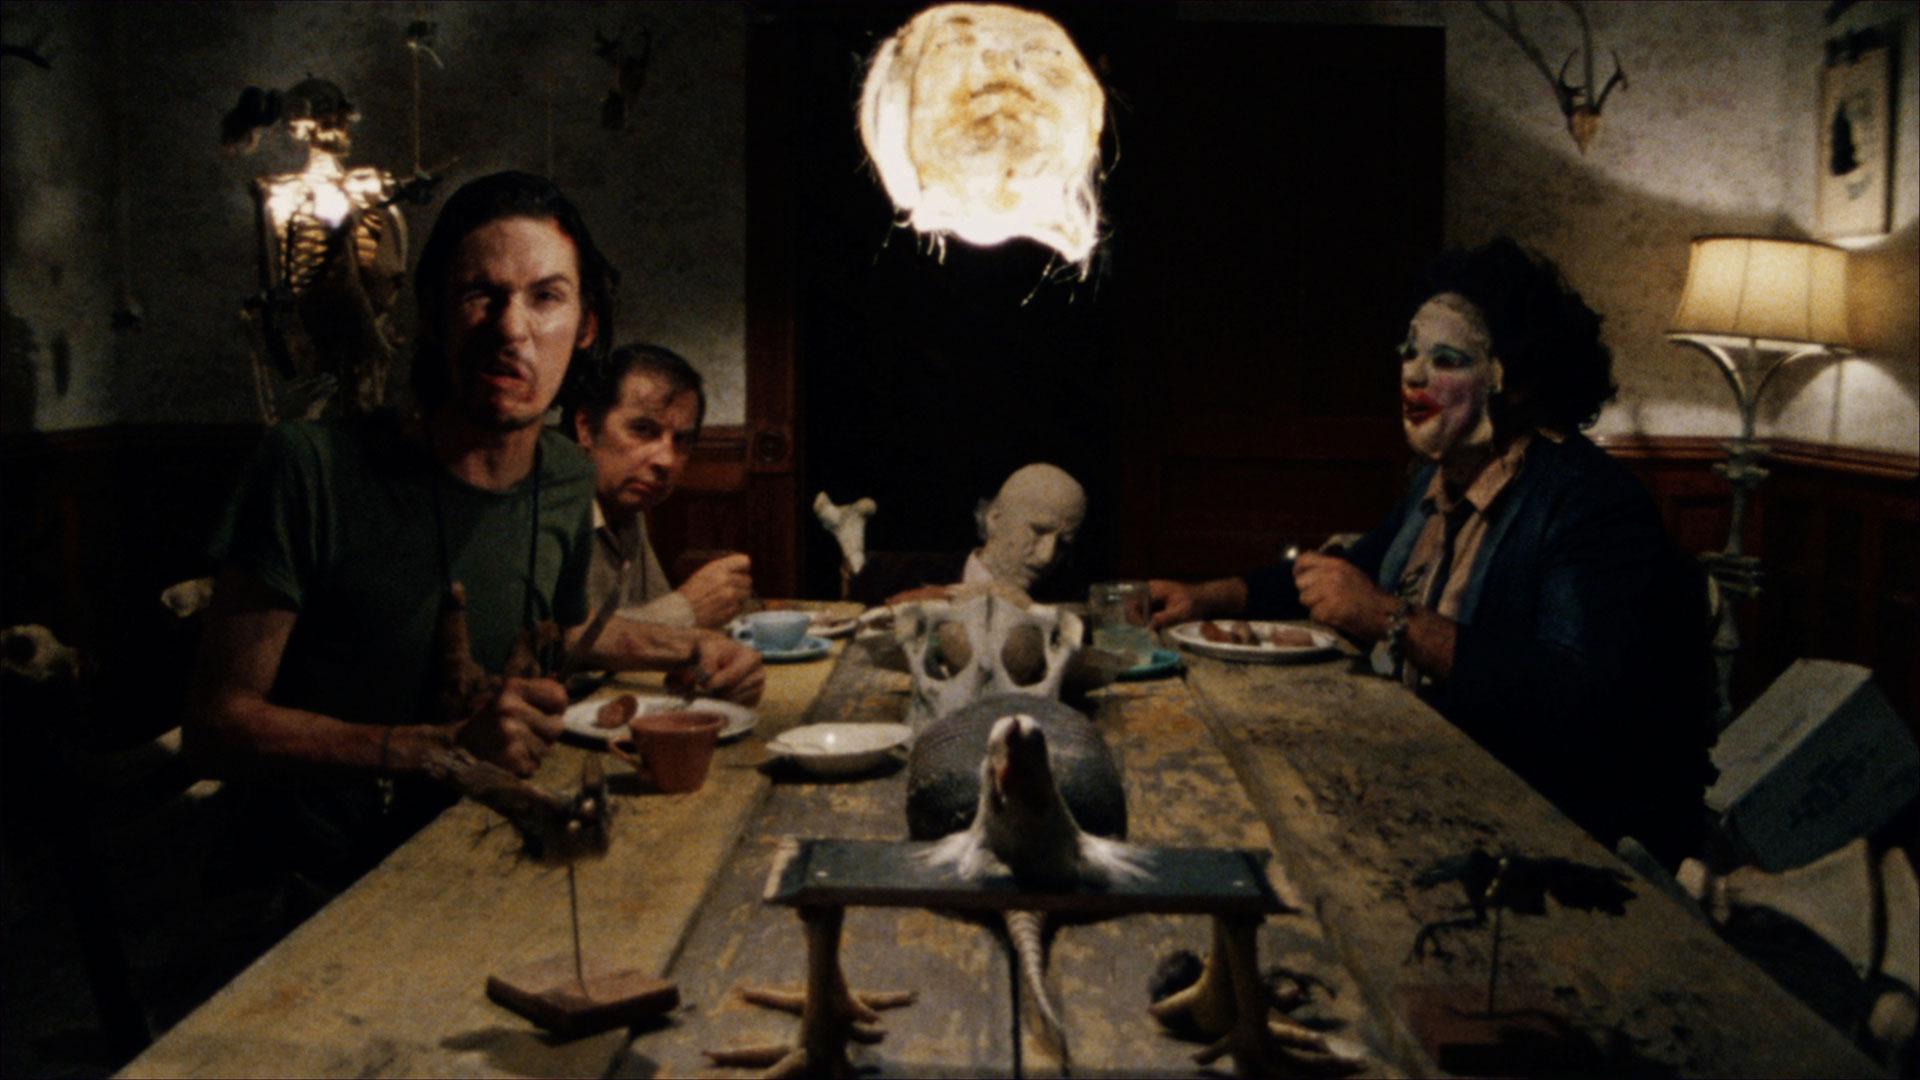 La cena di famiglia di Non aprite quella porta